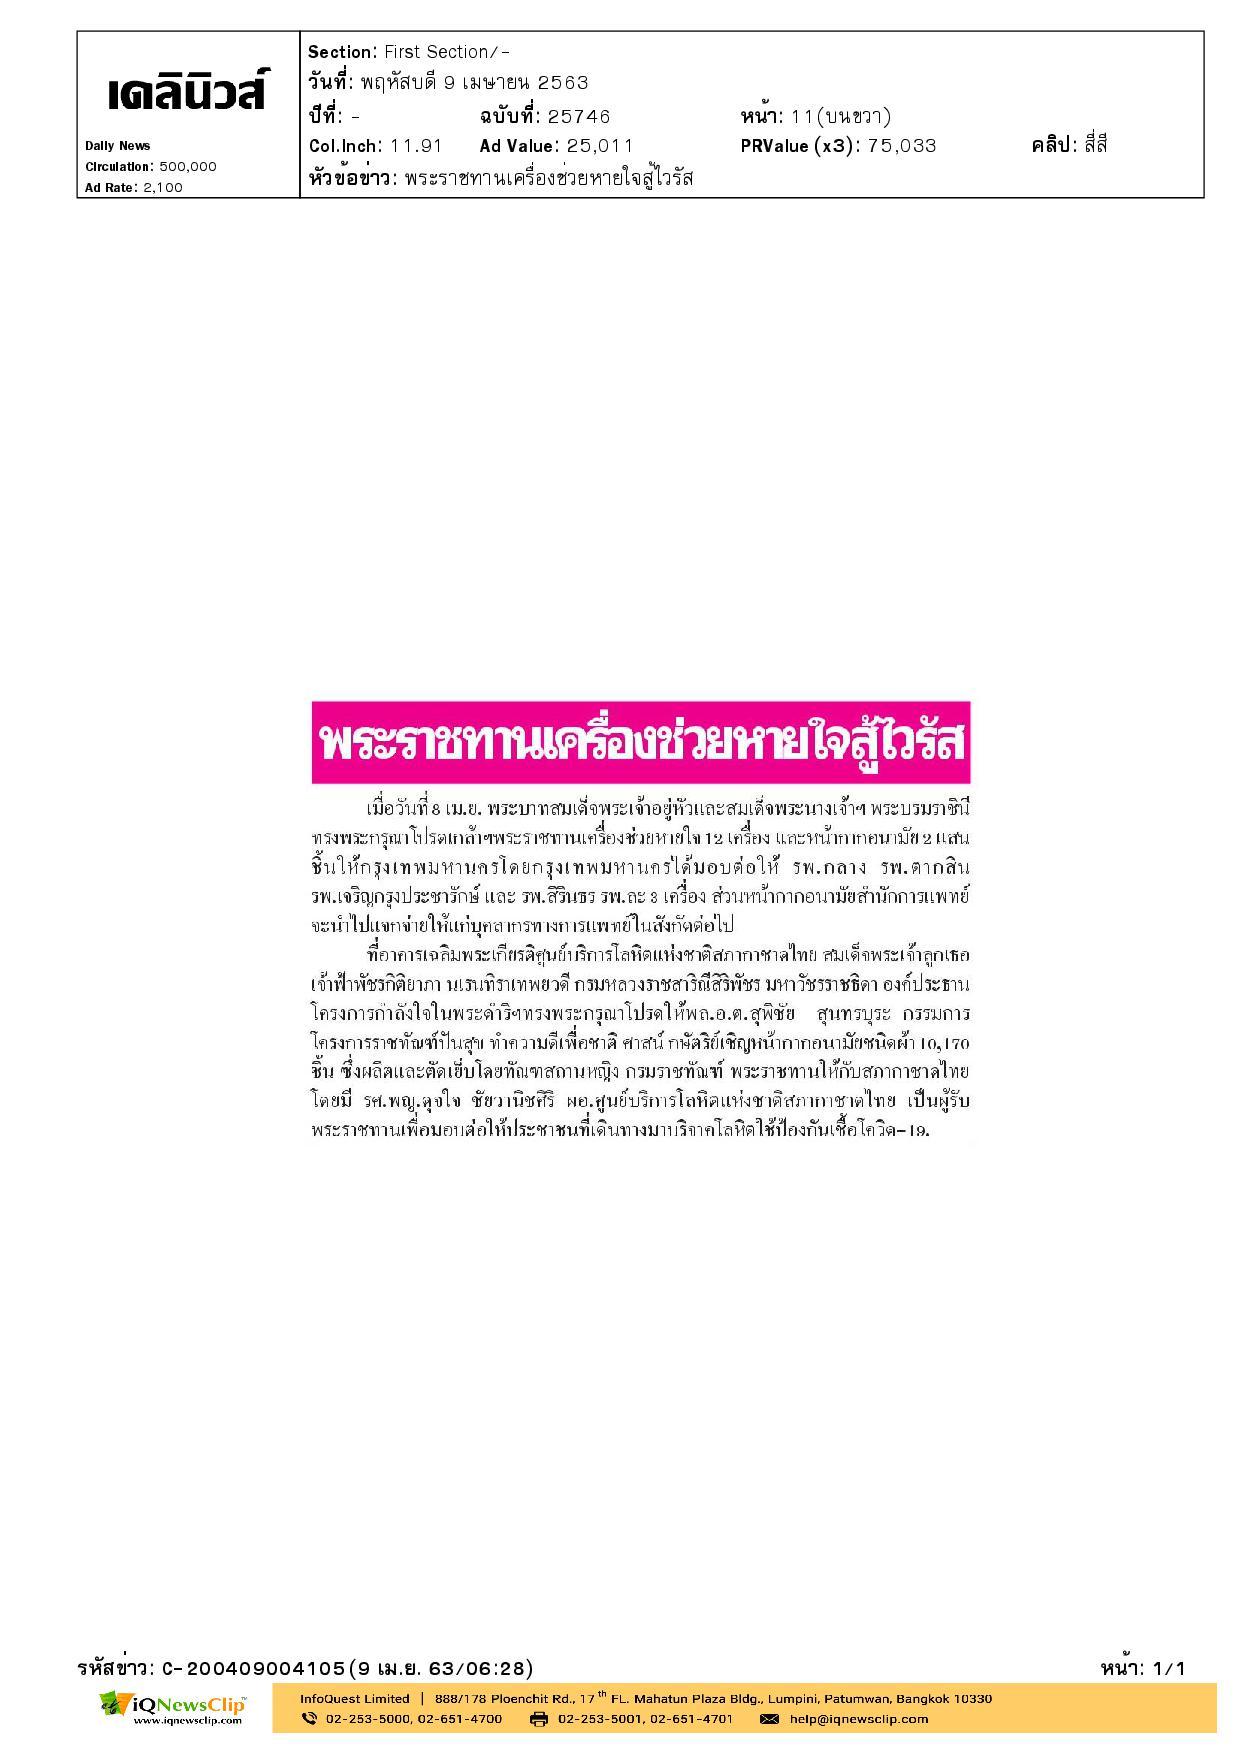 ผู้แทนพระองค์ เชิญหน้ากากอนามัยชนิดผ้า พระราชทานให้กับสภากาชาดไทย